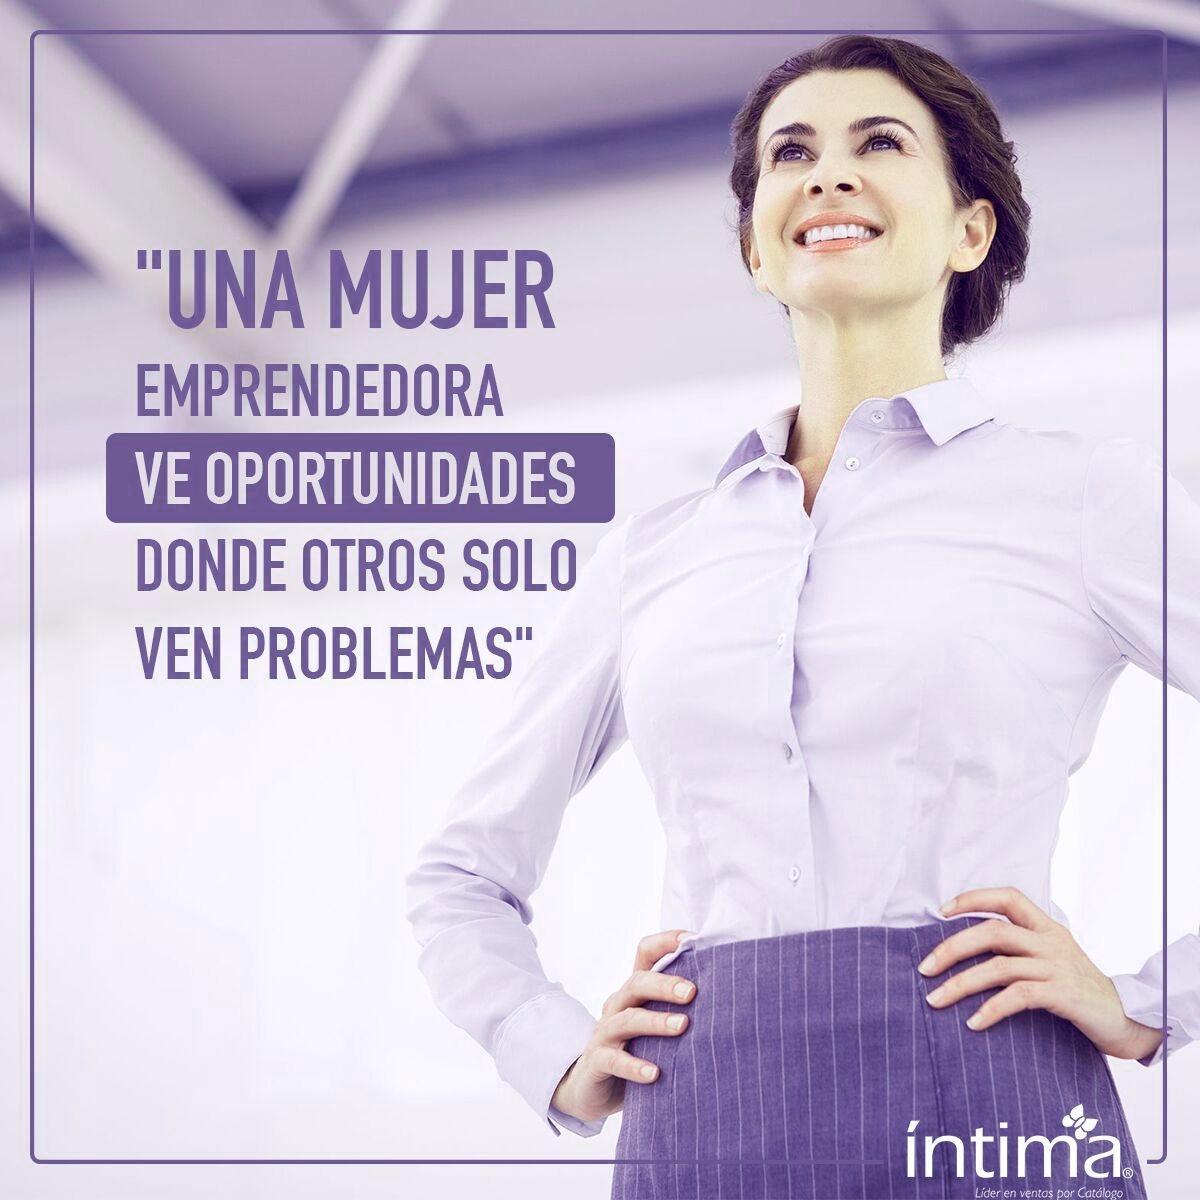 Frases de motivacion de mujeres exitosas